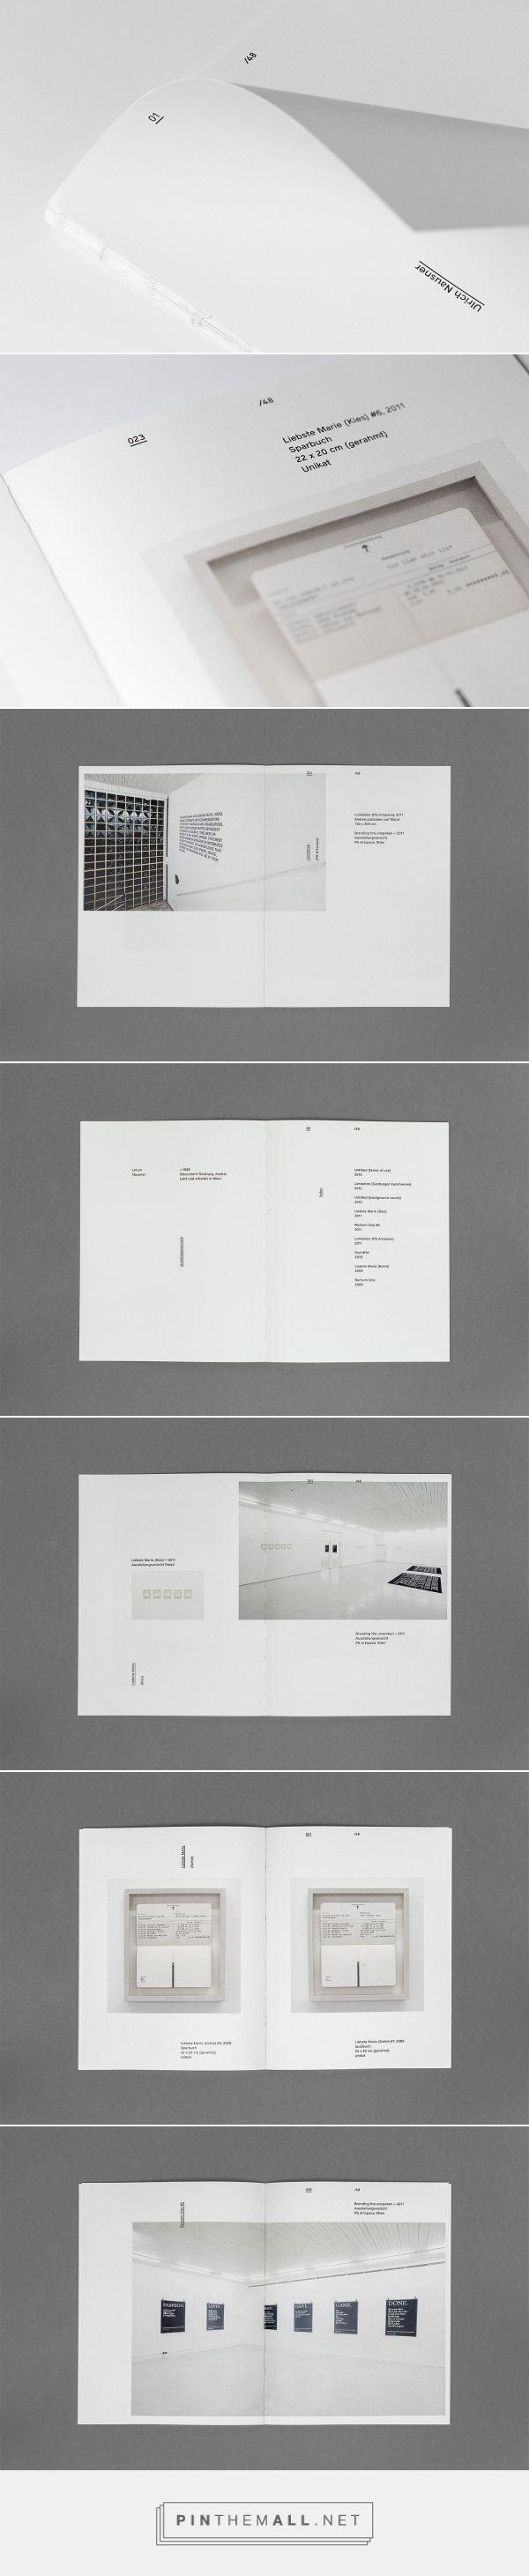 Ulrich Nausner - Work - OrtnerSchinko - created via http://pinthemall.net